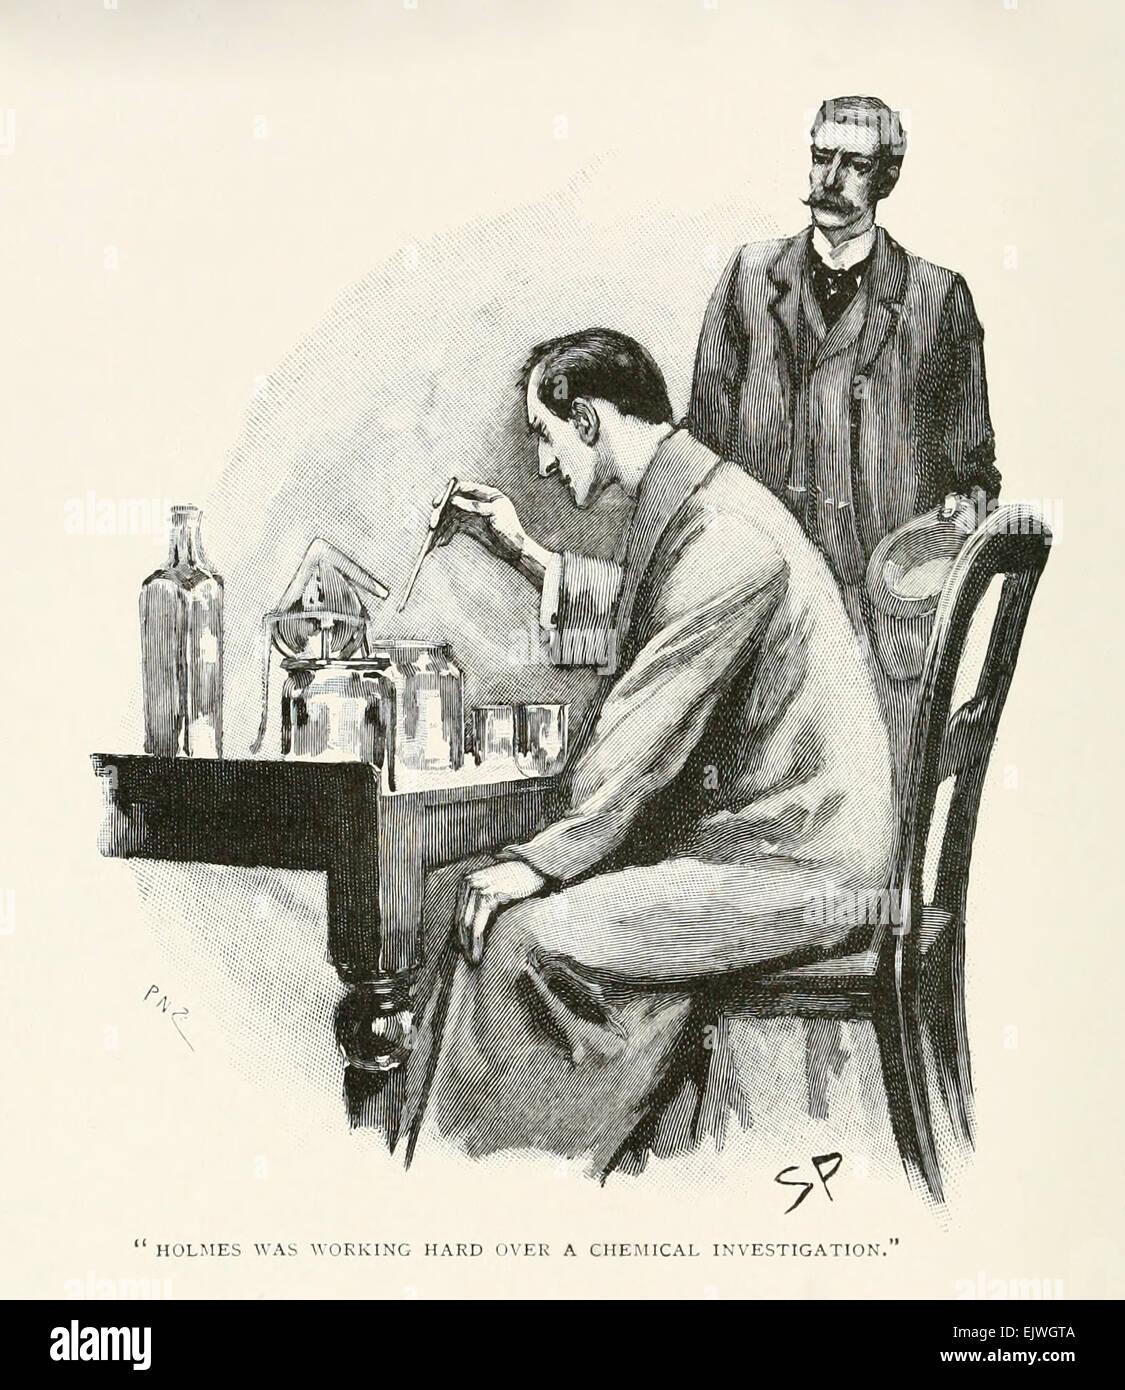 """Holmes stava lavorando duro su una analisi chimica - da """"il trattato navale"""" di Arthur Conan Doyle (1859 Immagini Stock"""